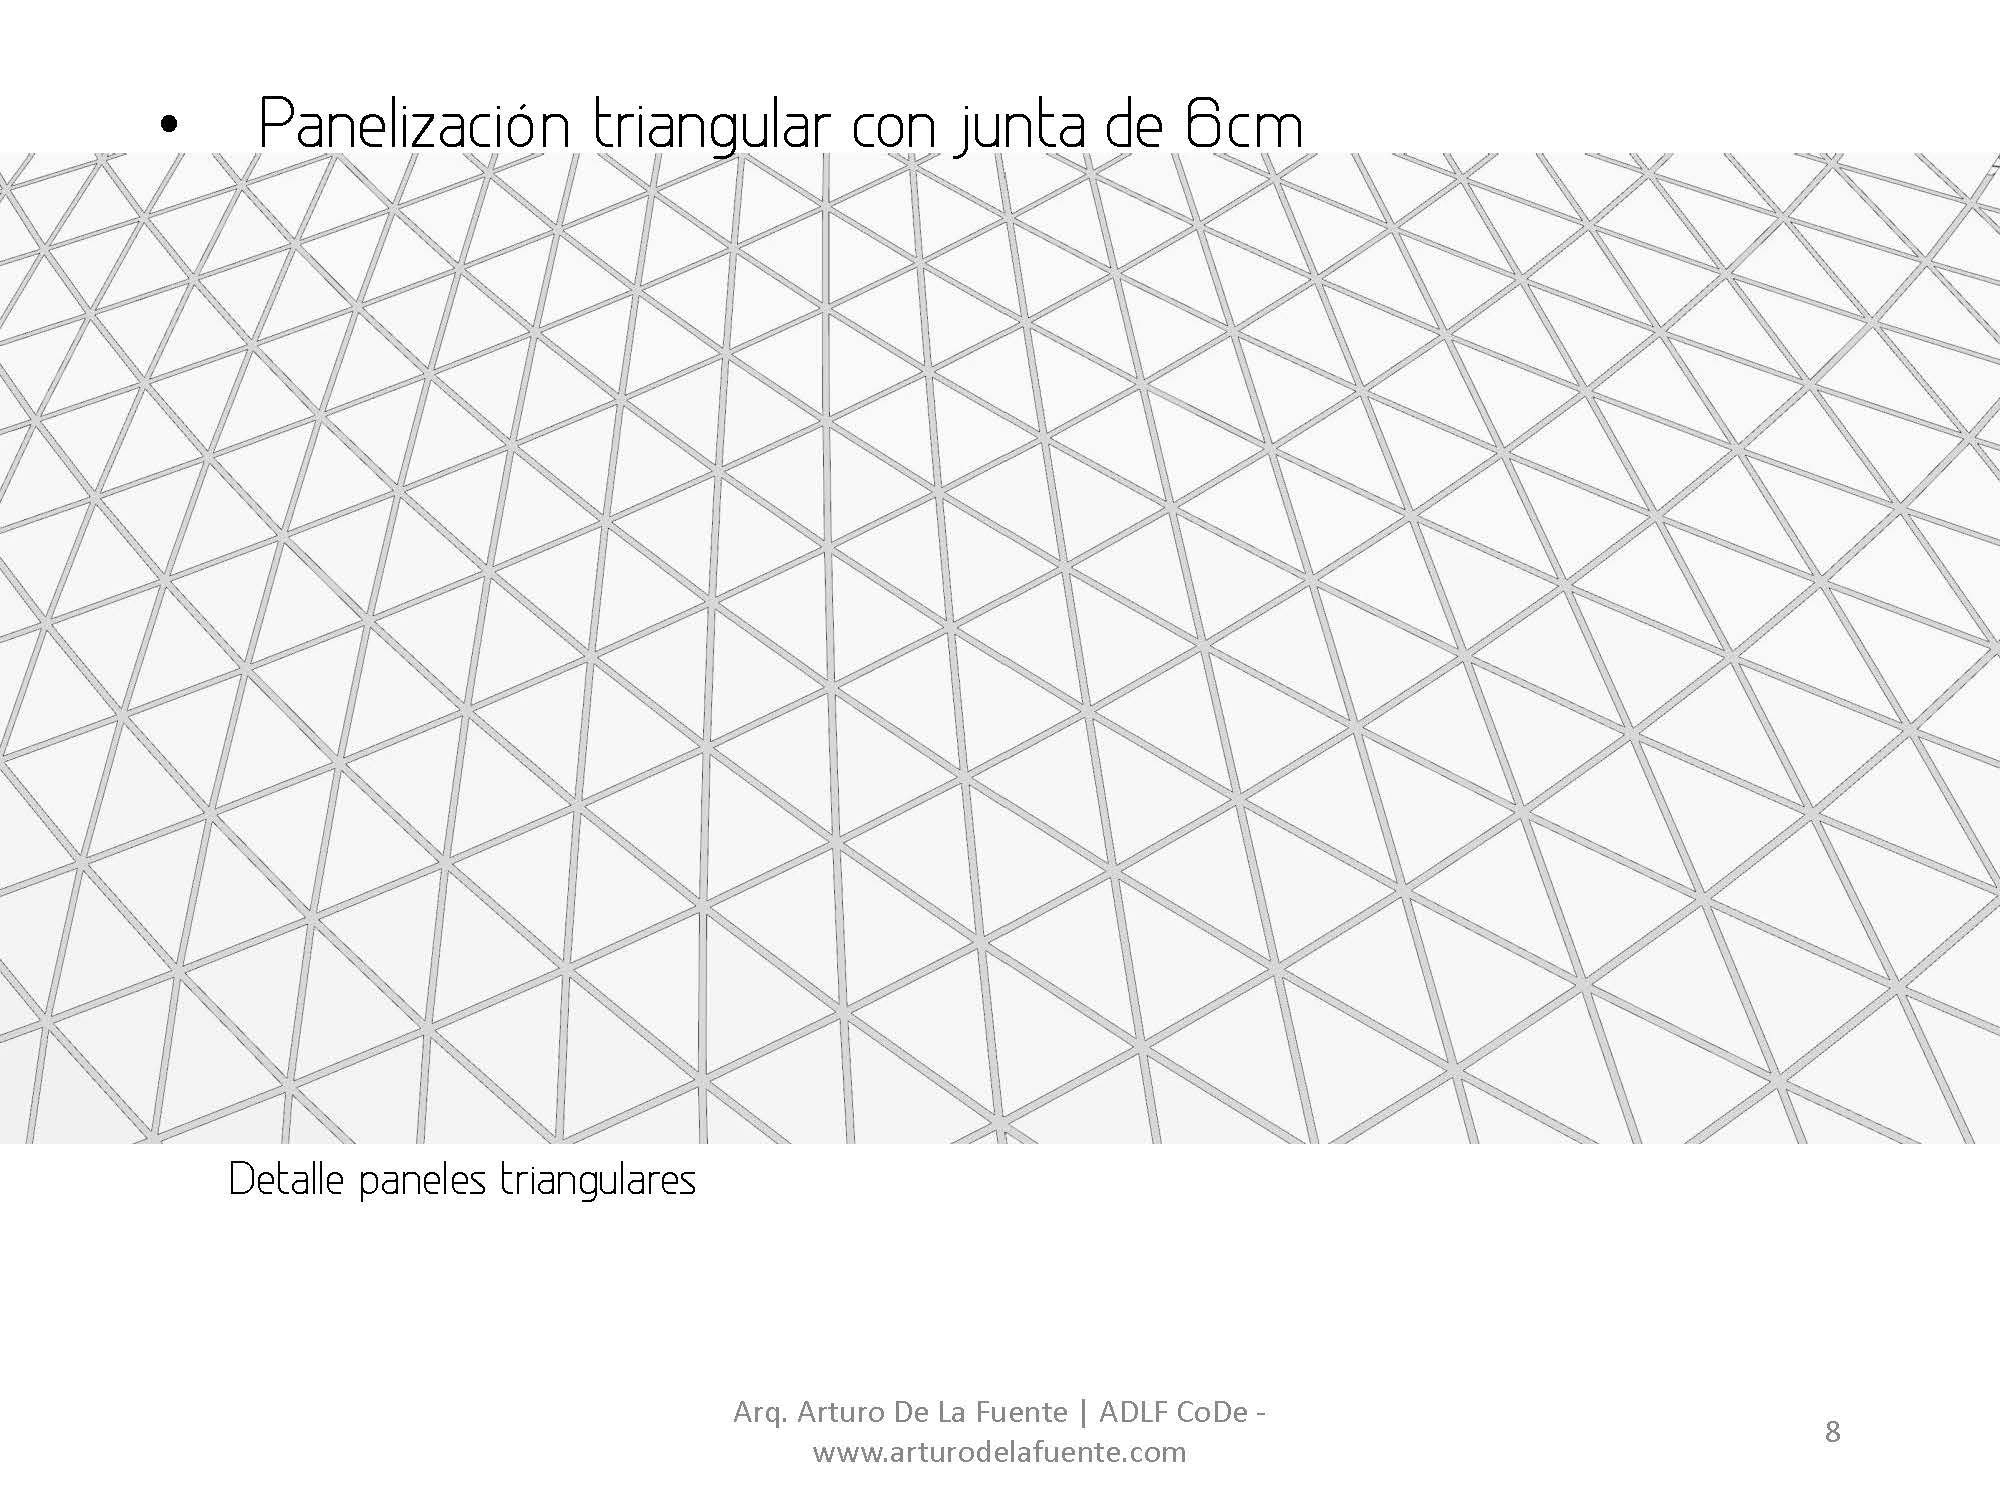 BMA_Panelizacion_Page_08